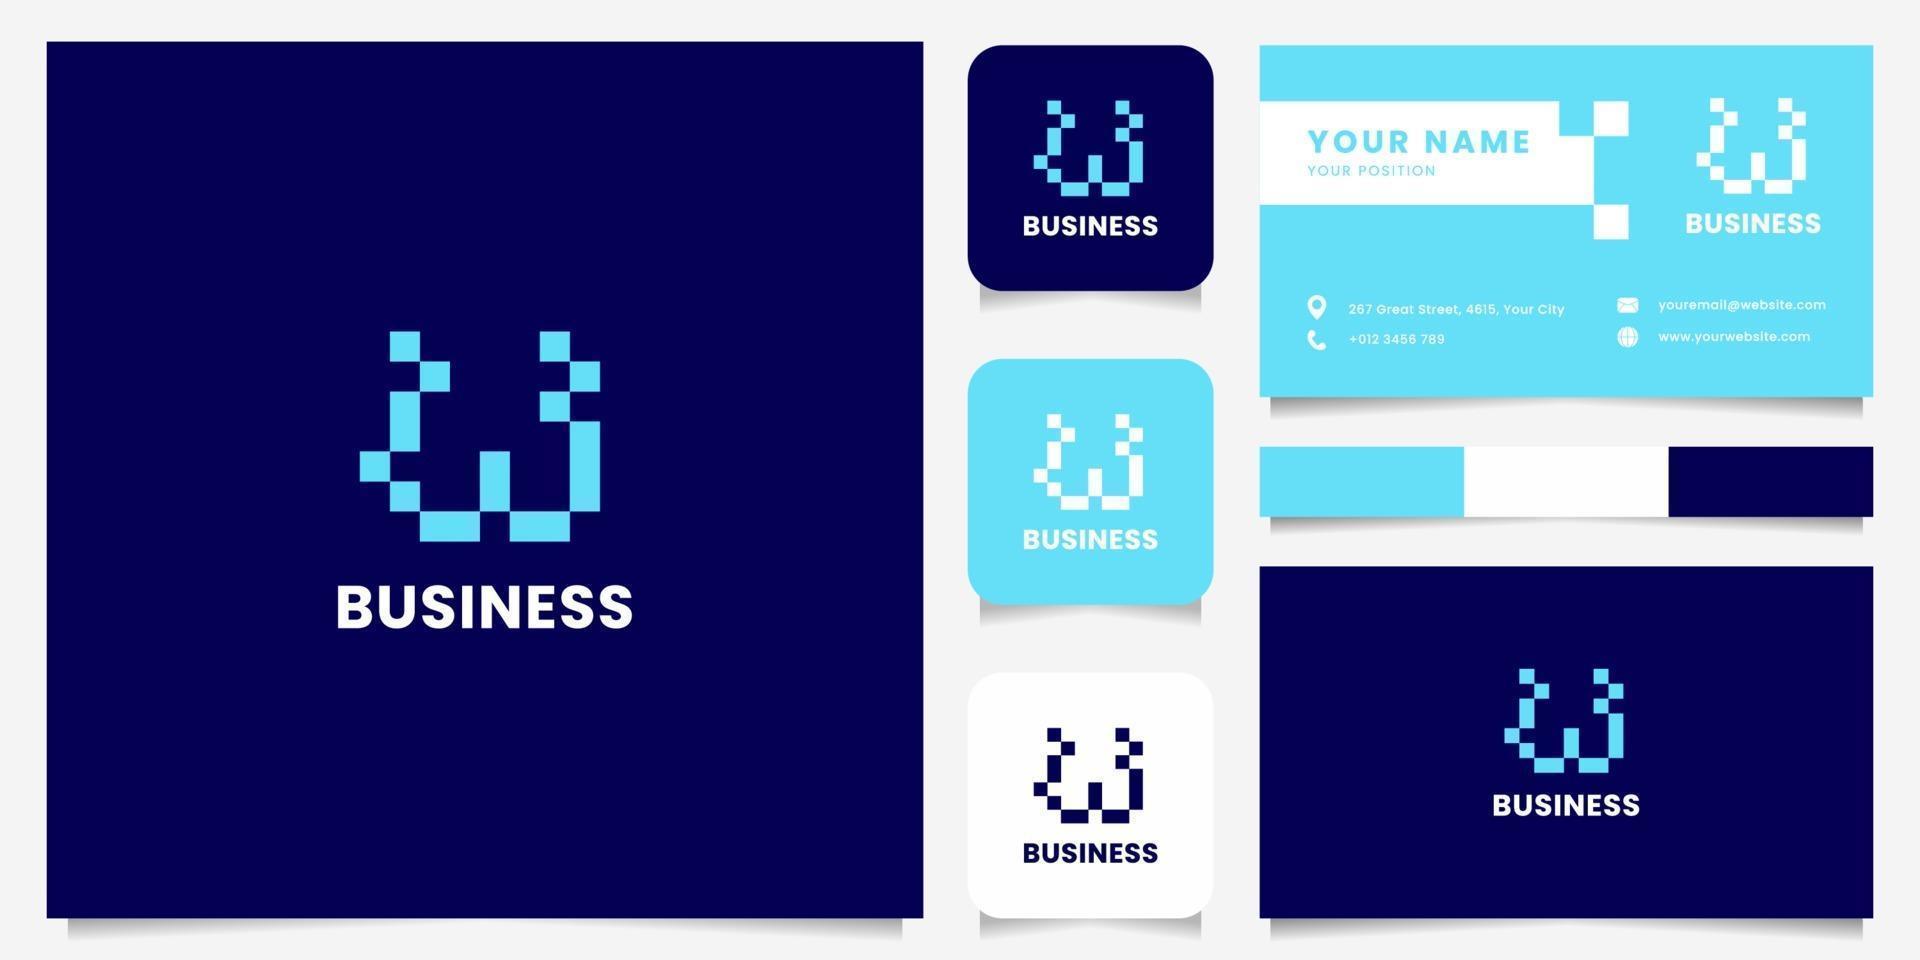 einfaches und minimalistisches blaues Pixelbuchstaben-W-Logo mit Visitenkartenschablone vektor